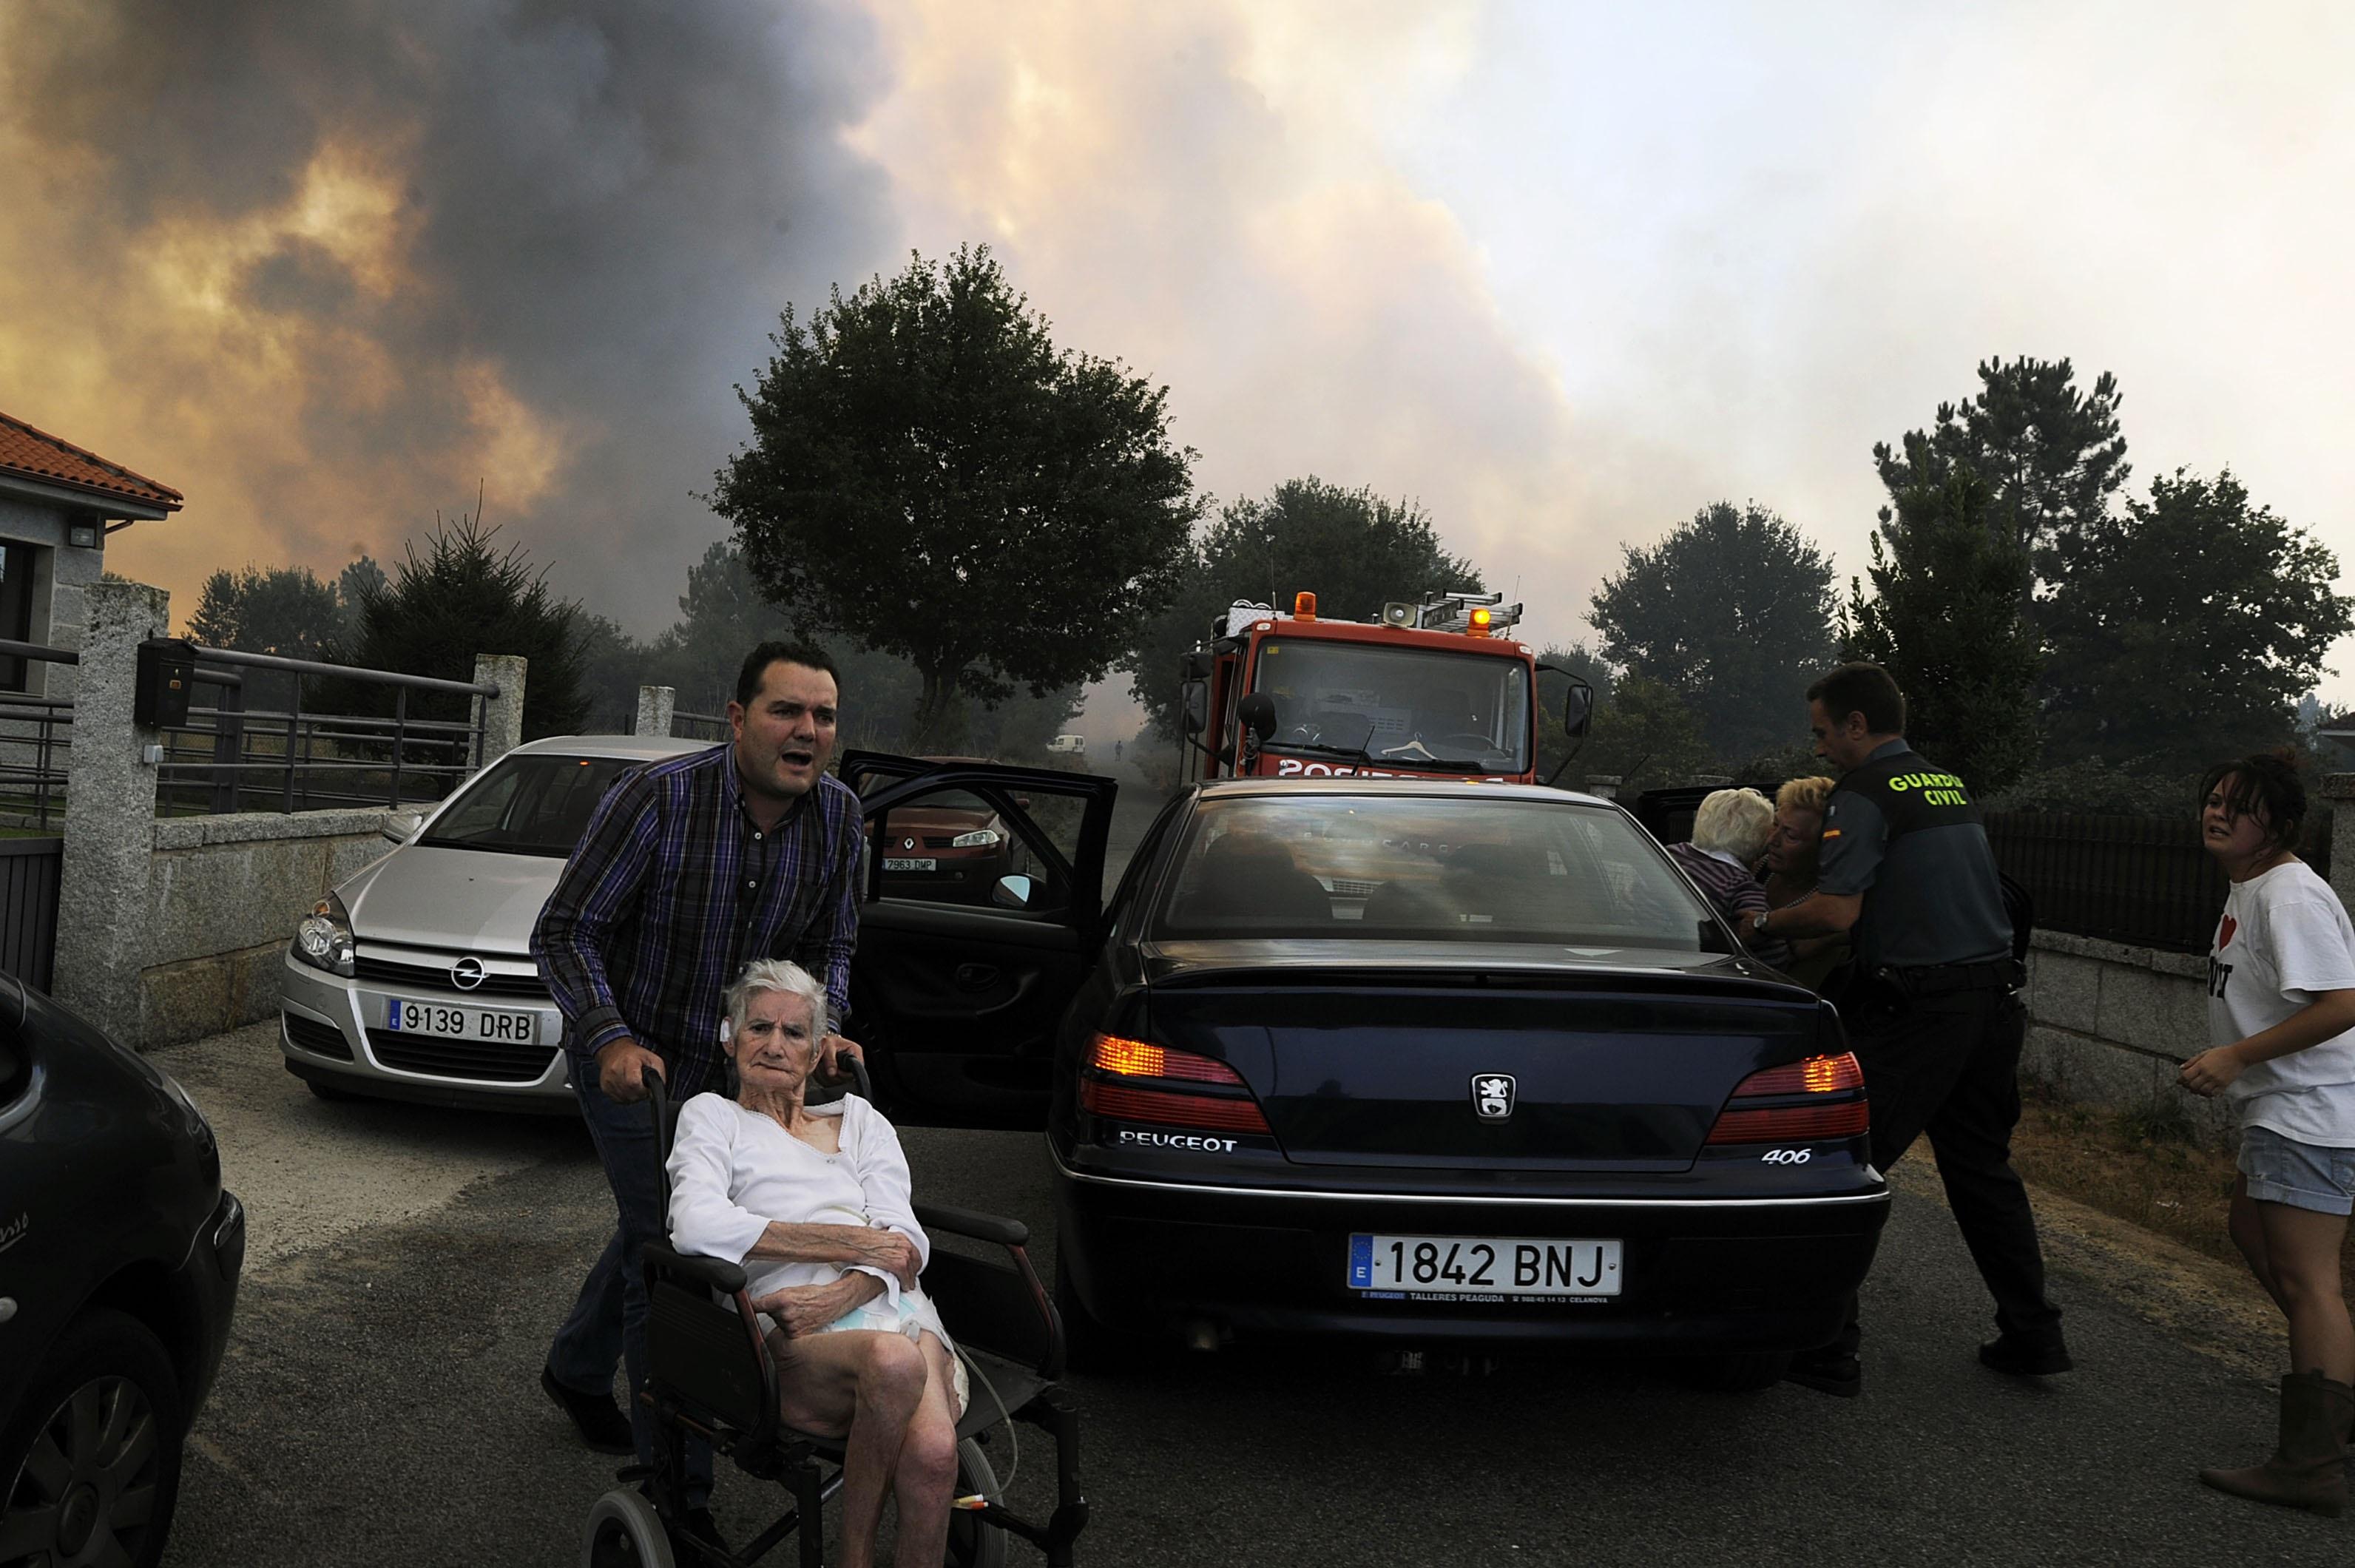 El incendio de iniciado en A Merca deja un brigadista herido, quema media casa y cerca viviendas